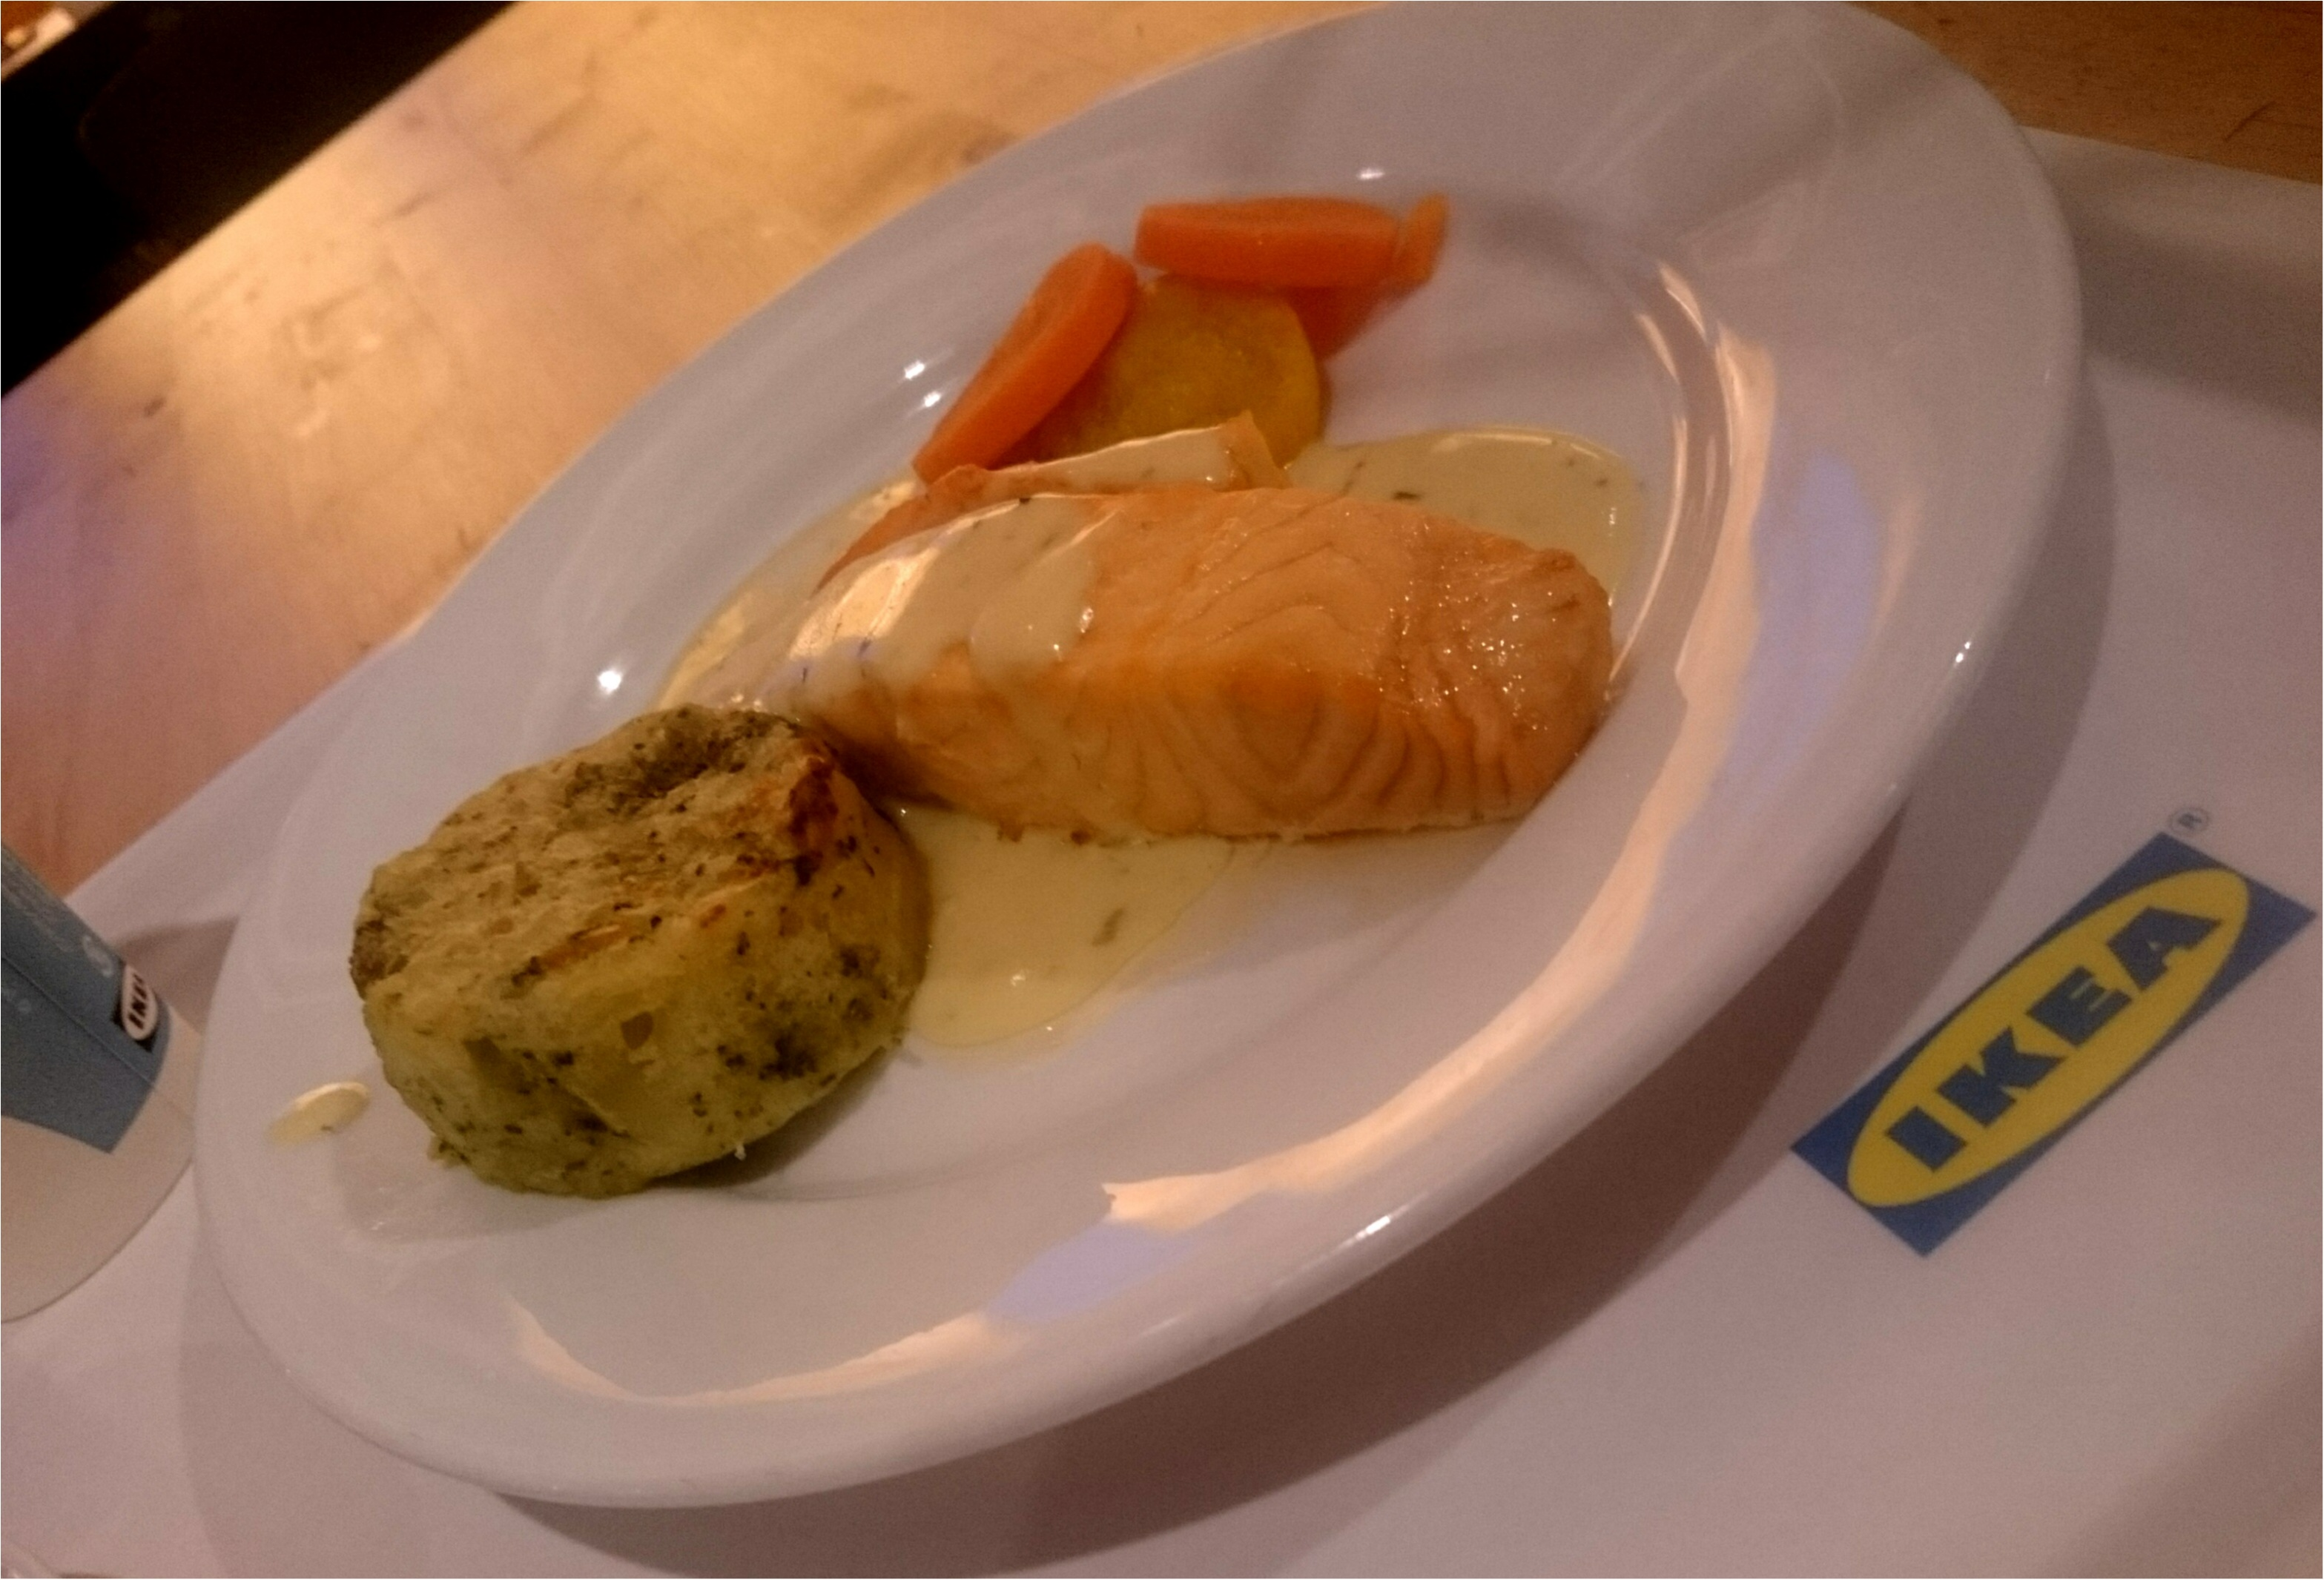 IKEAレストランのサーモンフェア。本当に食べる価値ありなのは定番の◯◯!_3